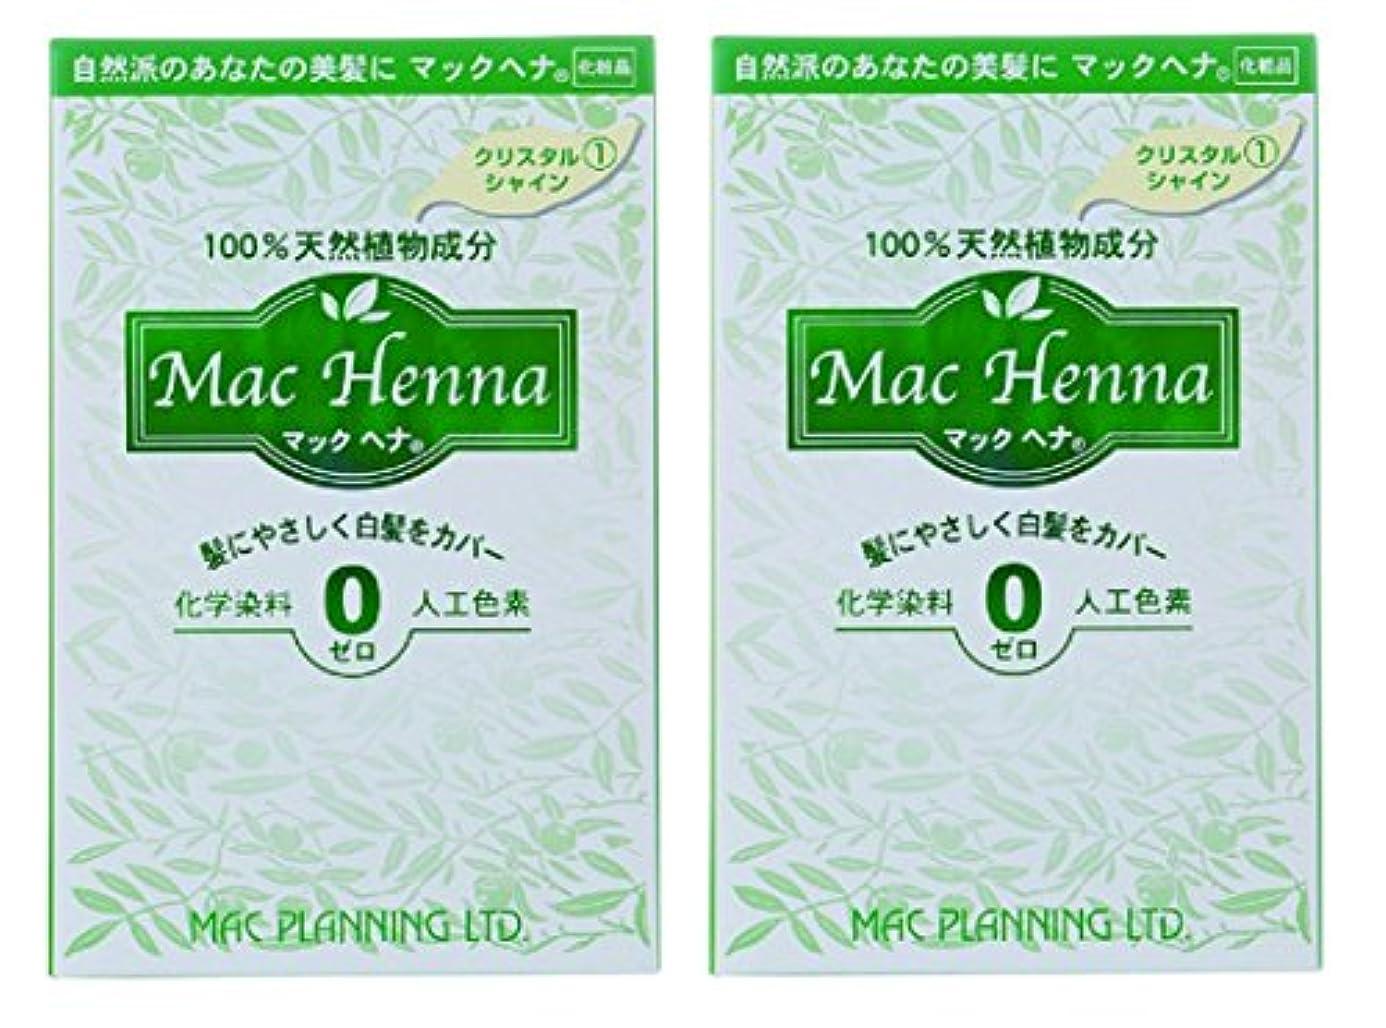 マックヘナ クリスタルシャイン 120g(60g×2) 2箱セット